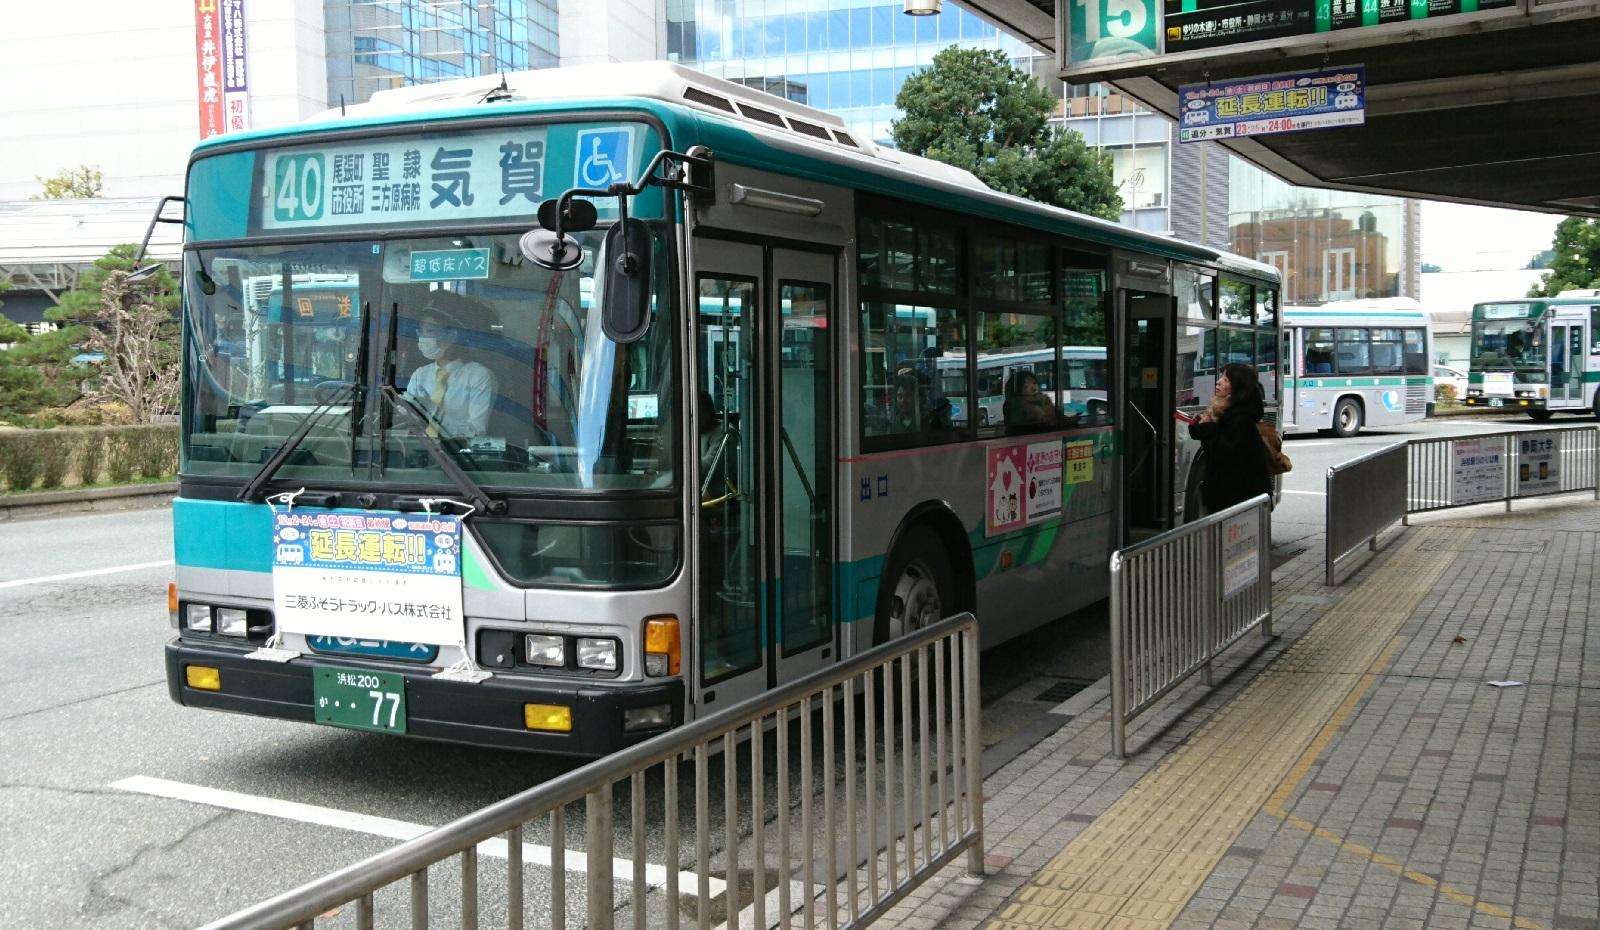 2016.12.23 井伊谷まで (22) 浜松駅 - 気賀いきバス 1600-930